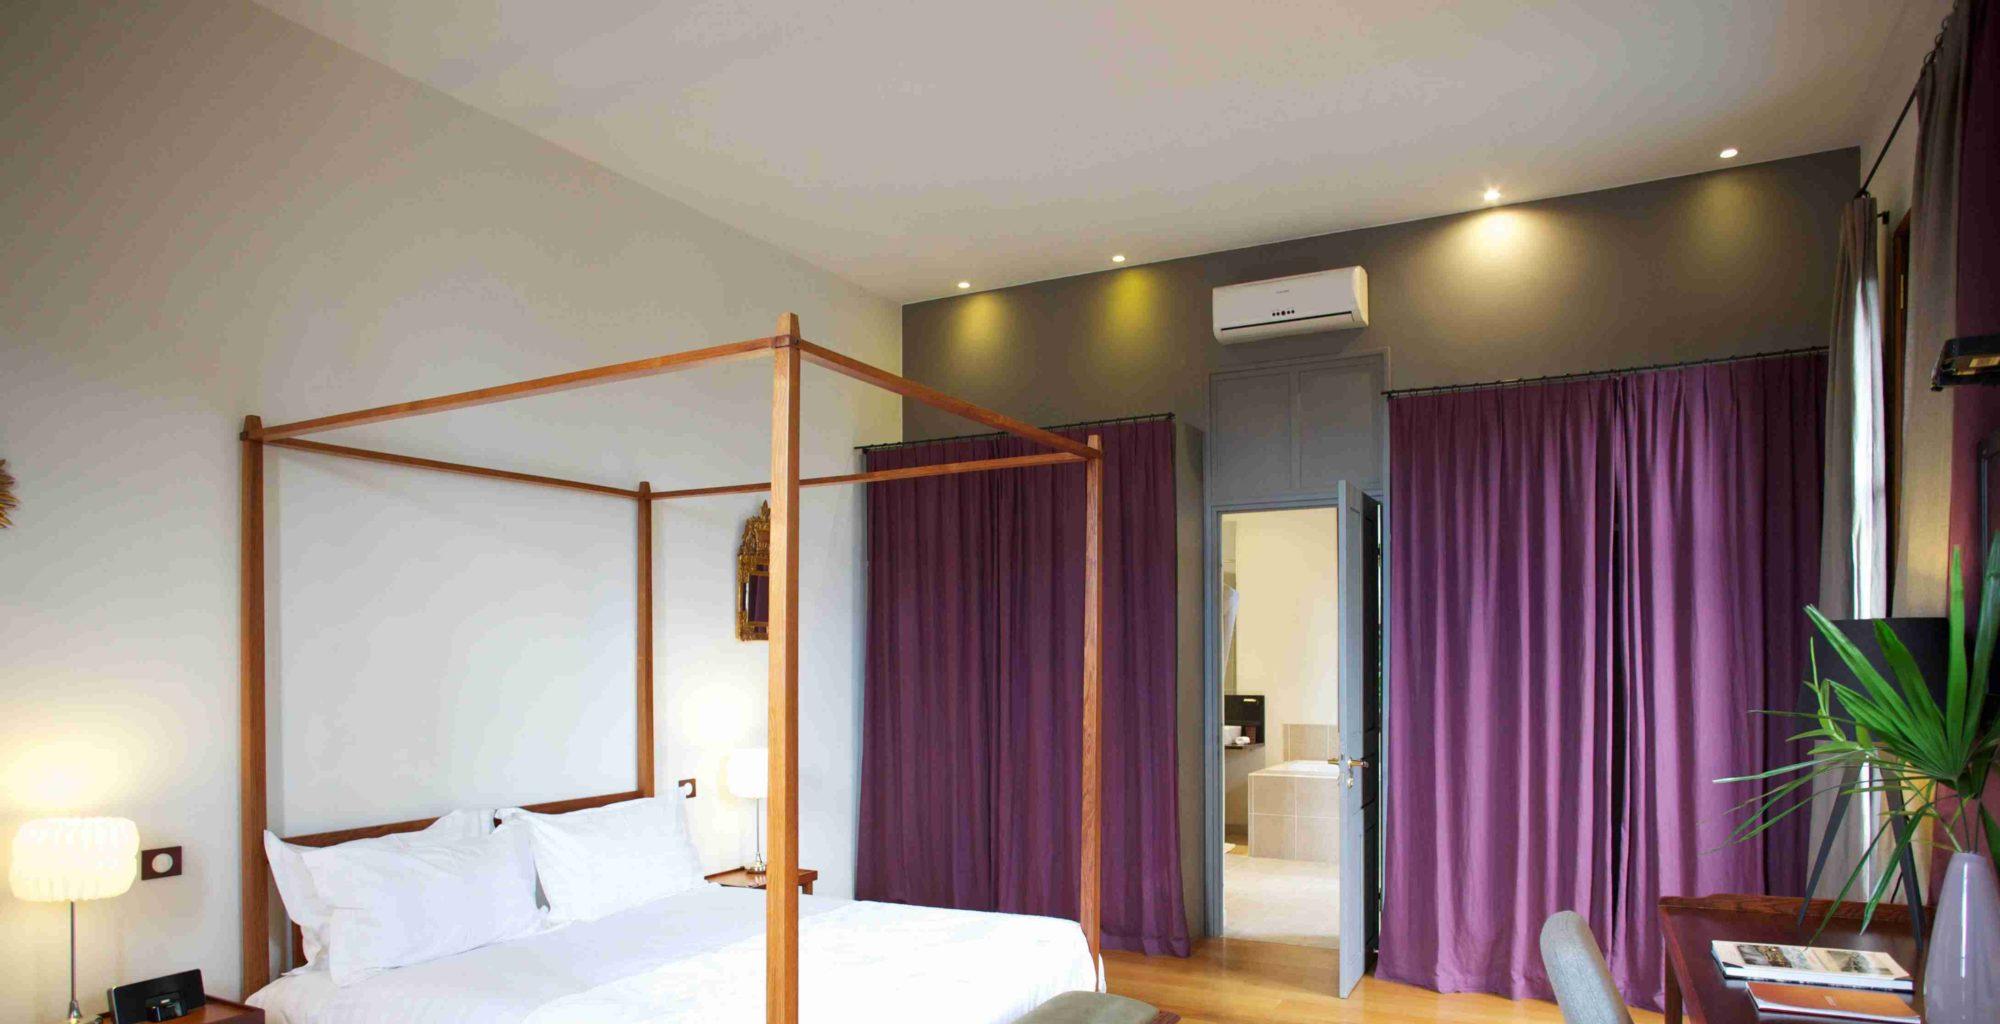 Maison Gallieni Madagascar Bedroom